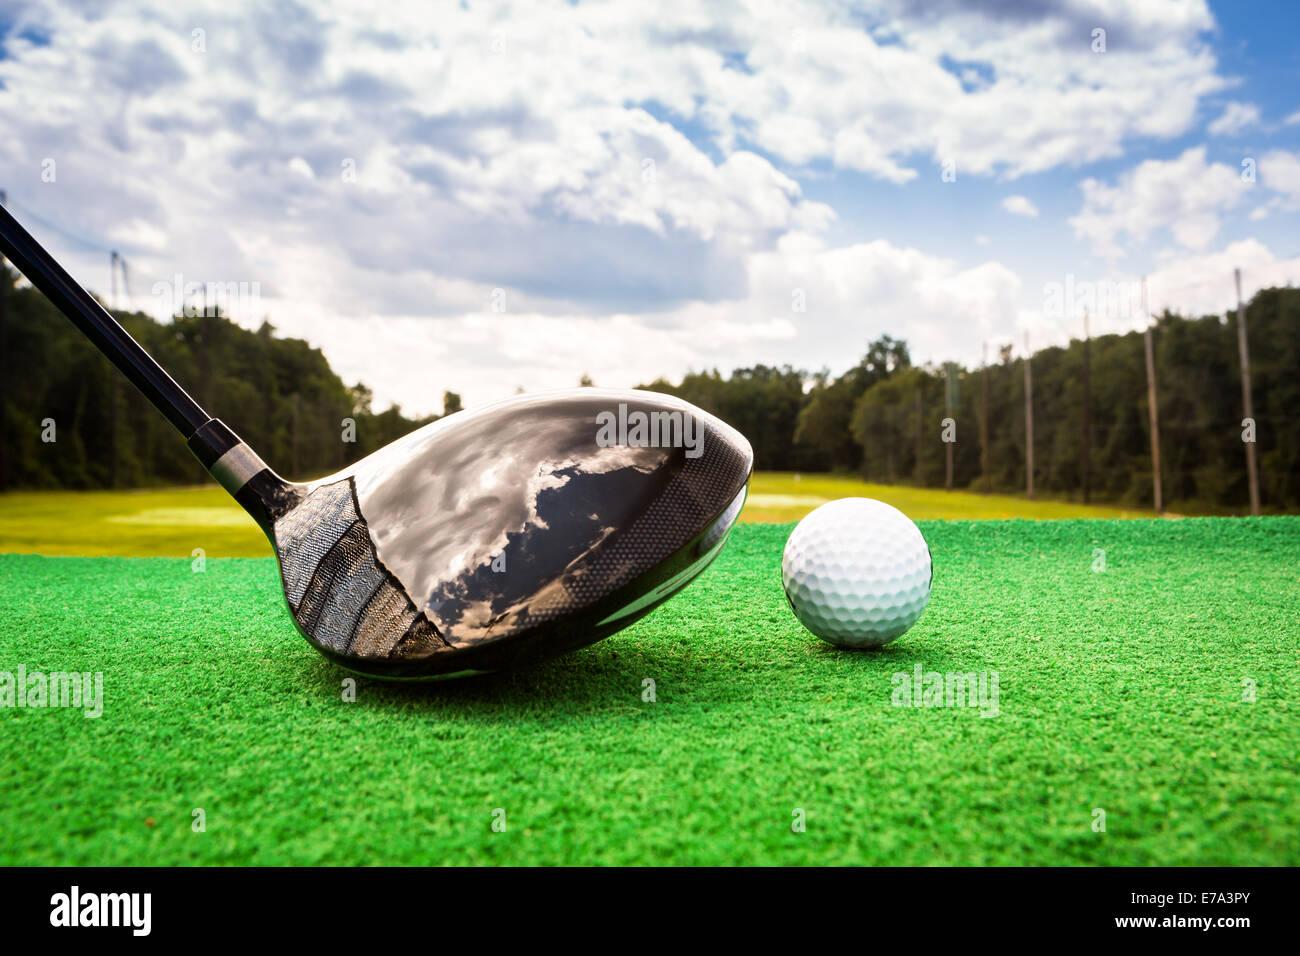 Nahaufnahme von einem Golfball und eine Golf-Holz auf einer driving-range Stockbild